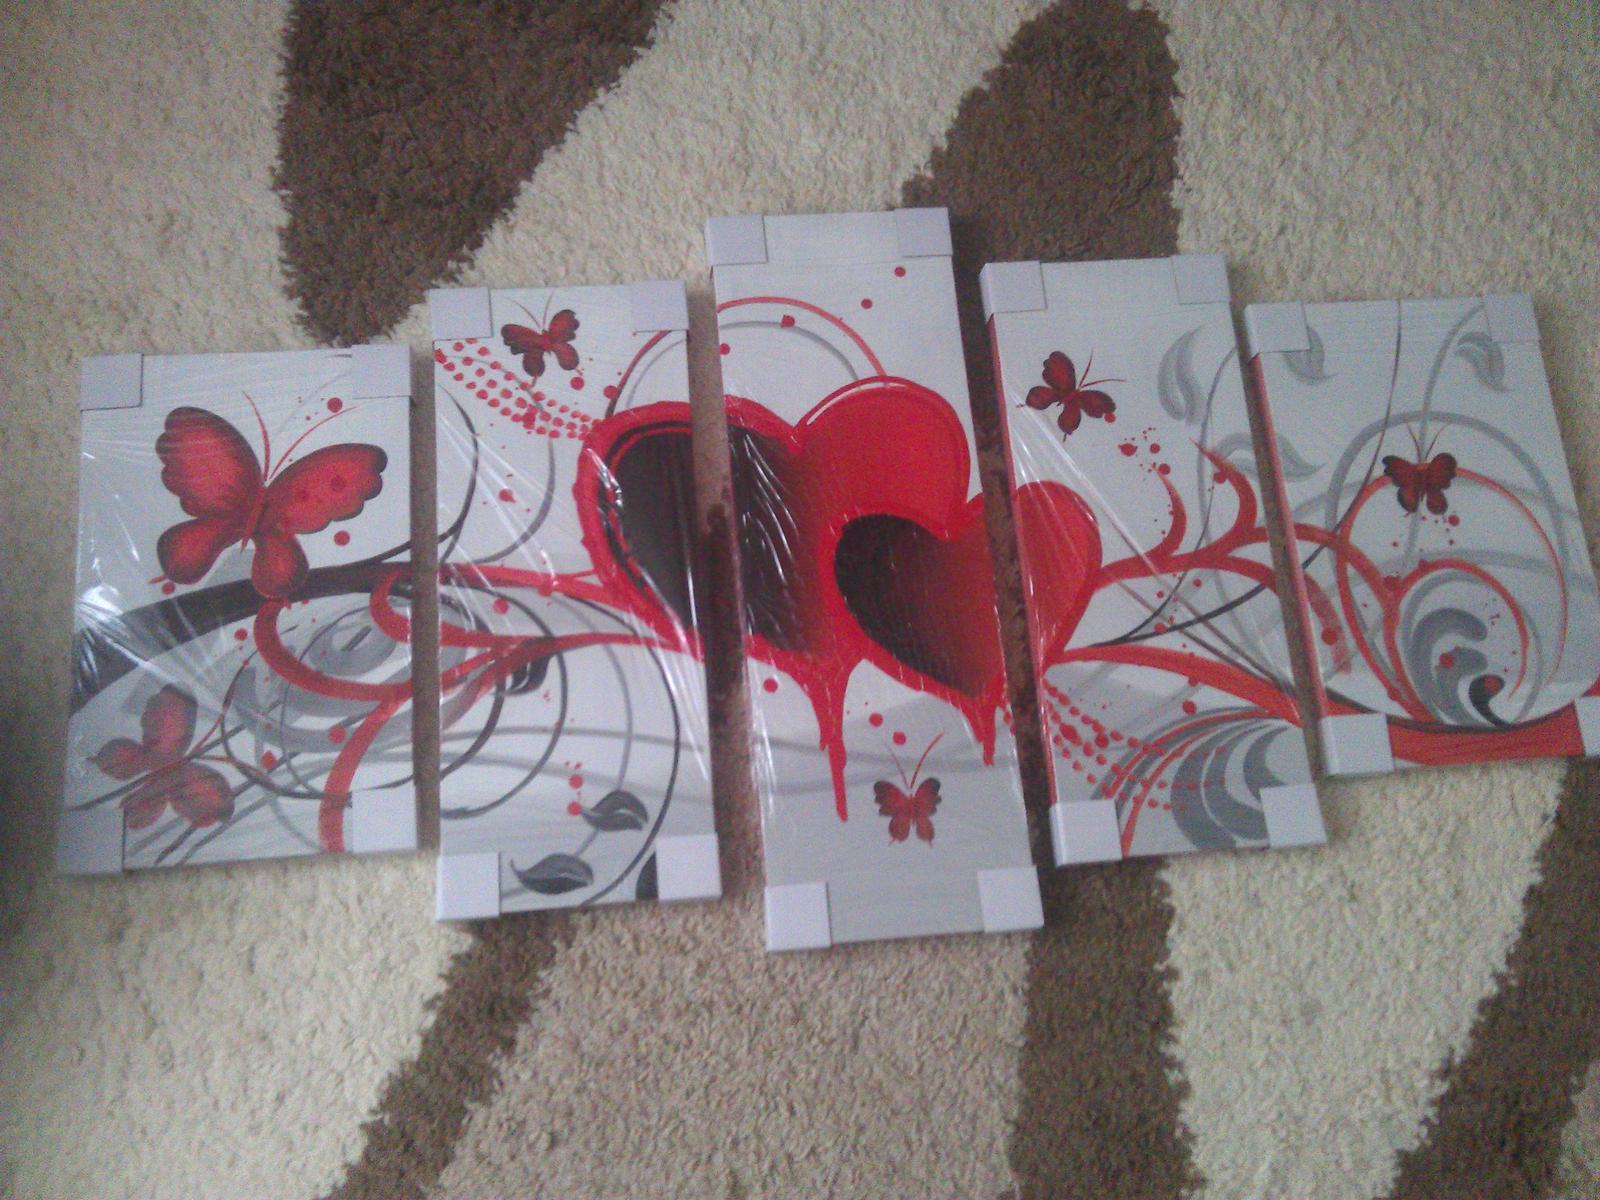 5 dielny 3D romanticky obraz - malba na platne - Obrázok č. 1